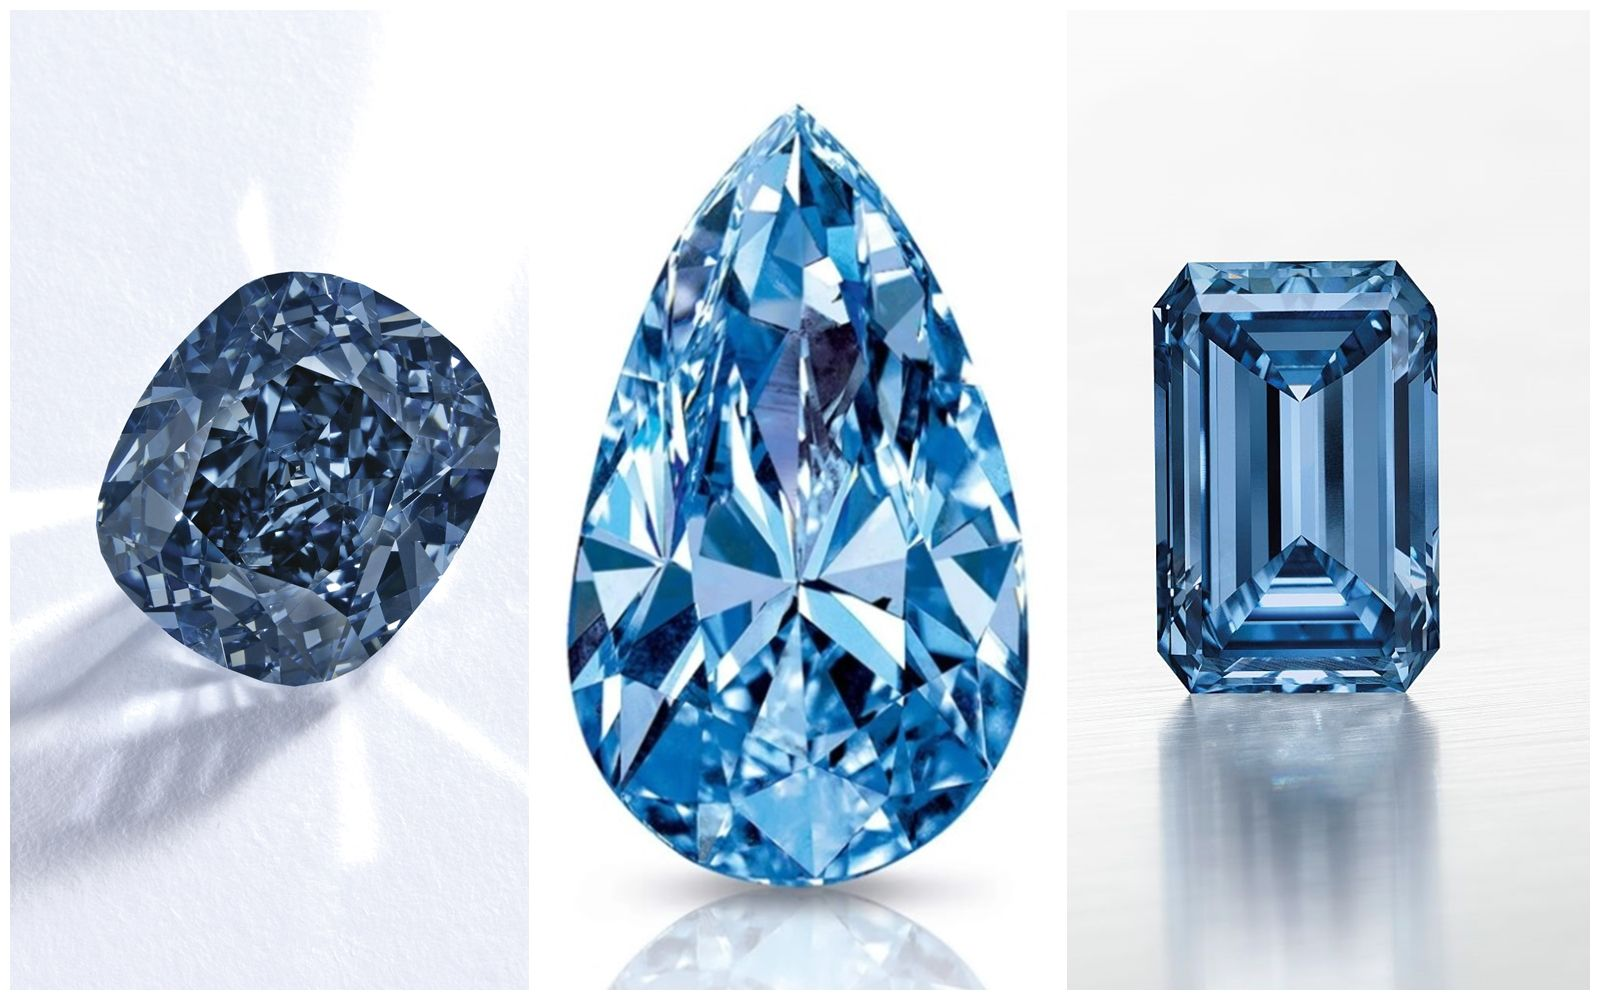 超過 11 億新台幣、40 克拉藍鑽被 De Beers 收購!盤點世界上最珍貴的 5 顆藍鑽珠寶